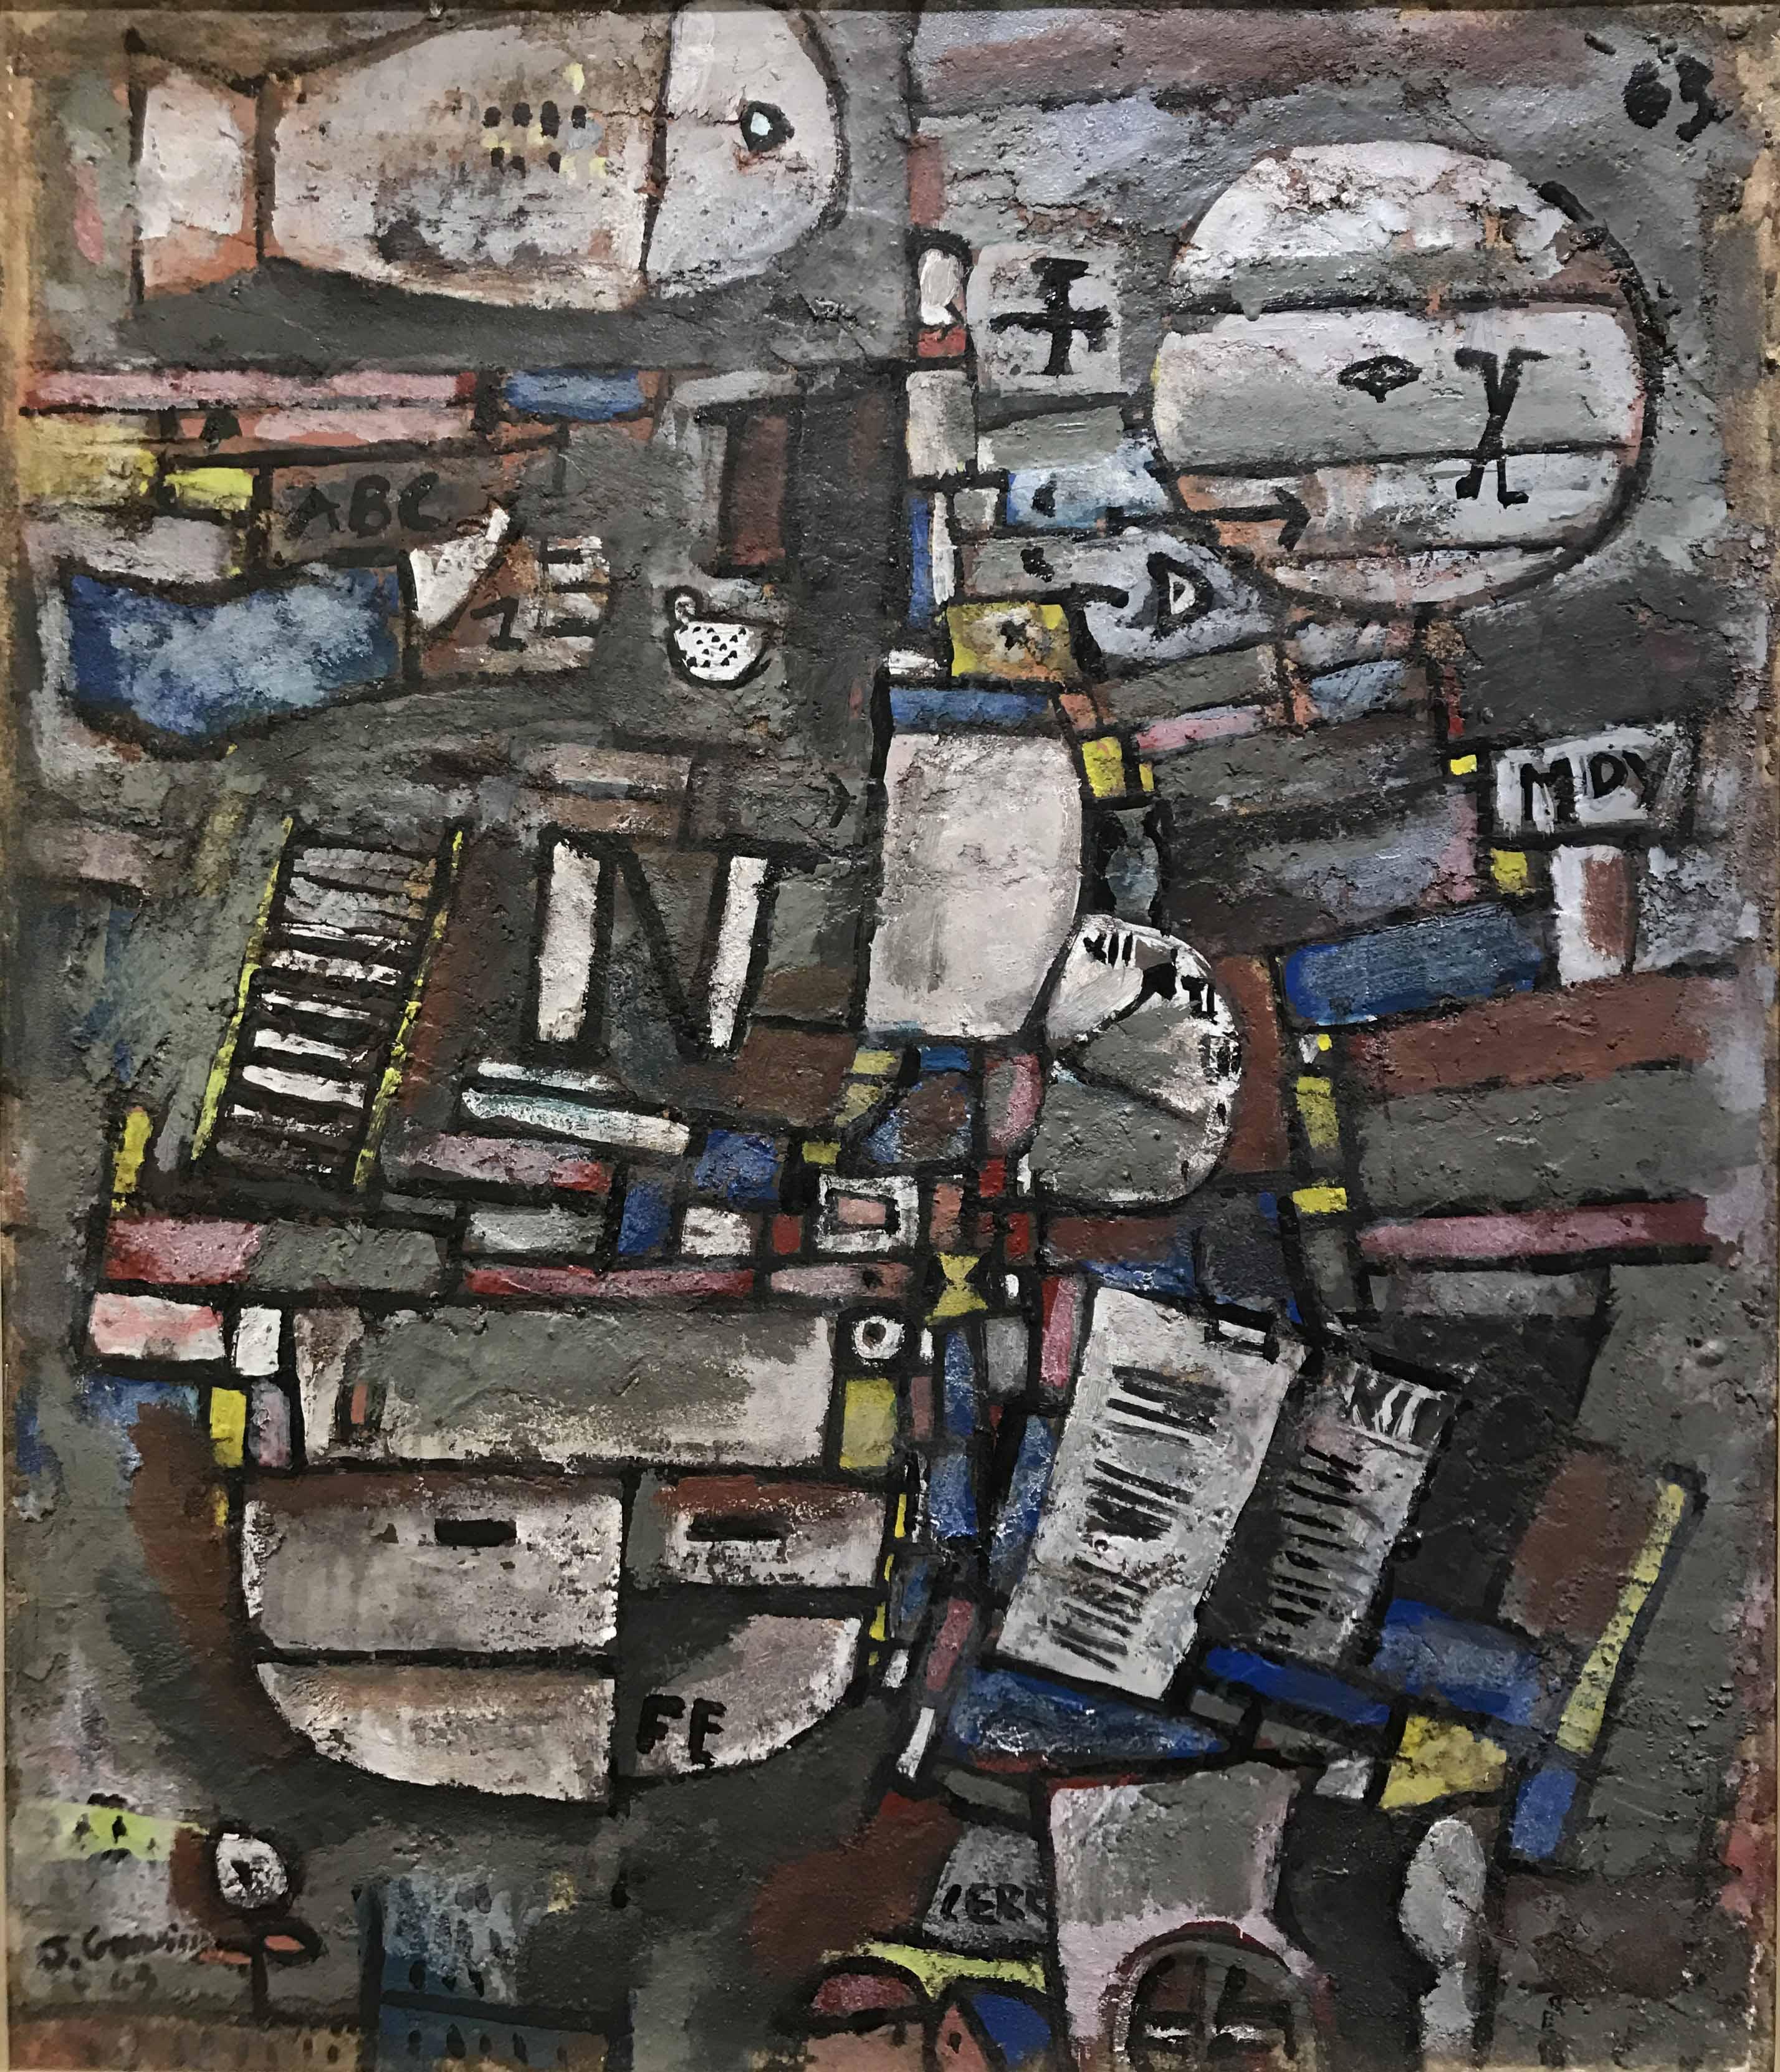 """JOSE GURVICH (1927 - 1974) """"COMPOSICION FE"""" Oleo sobre tela; 45,5 x 37,5 cm. Firmado y fechado ´63. Certificado por Martín Gurvich, Fundación José Gurvich, Montevideo - Uruguay. POR CONSULTAS DE PRECIOS, CONTACTE LA GALERIA. FOR PRICE´S ENQUIRIES, PLEASE CONTACT THE GALLERY."""